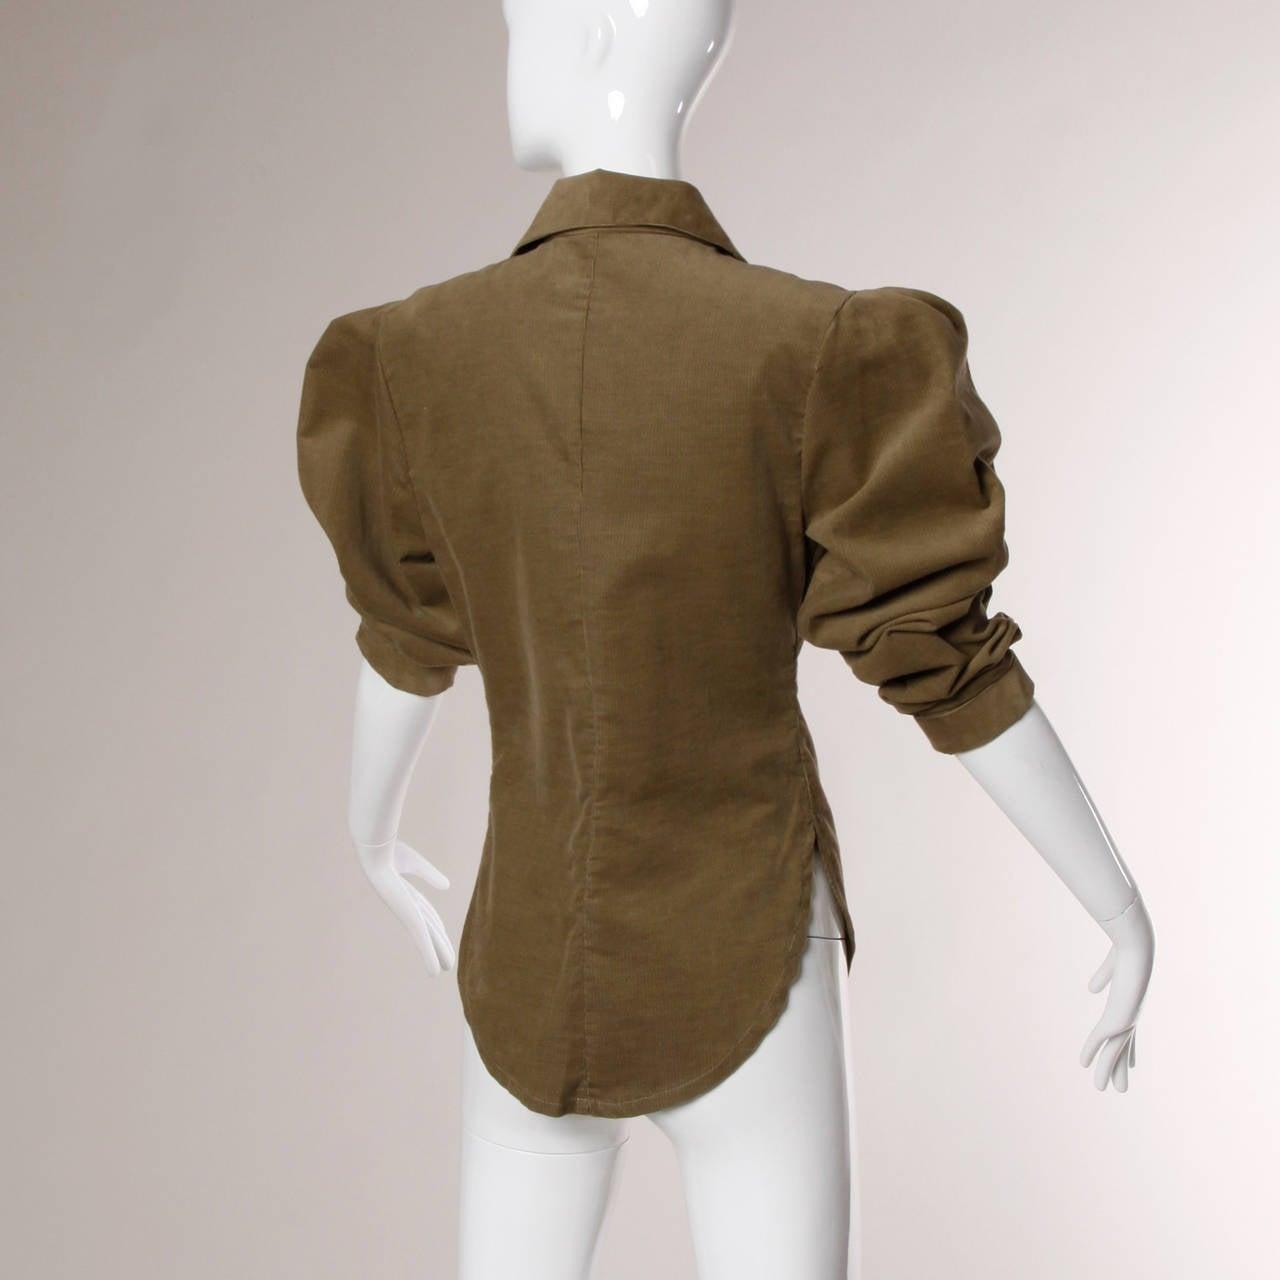 Norma Kamali Vintage Avant Garde Top or Jacket For Sale 4